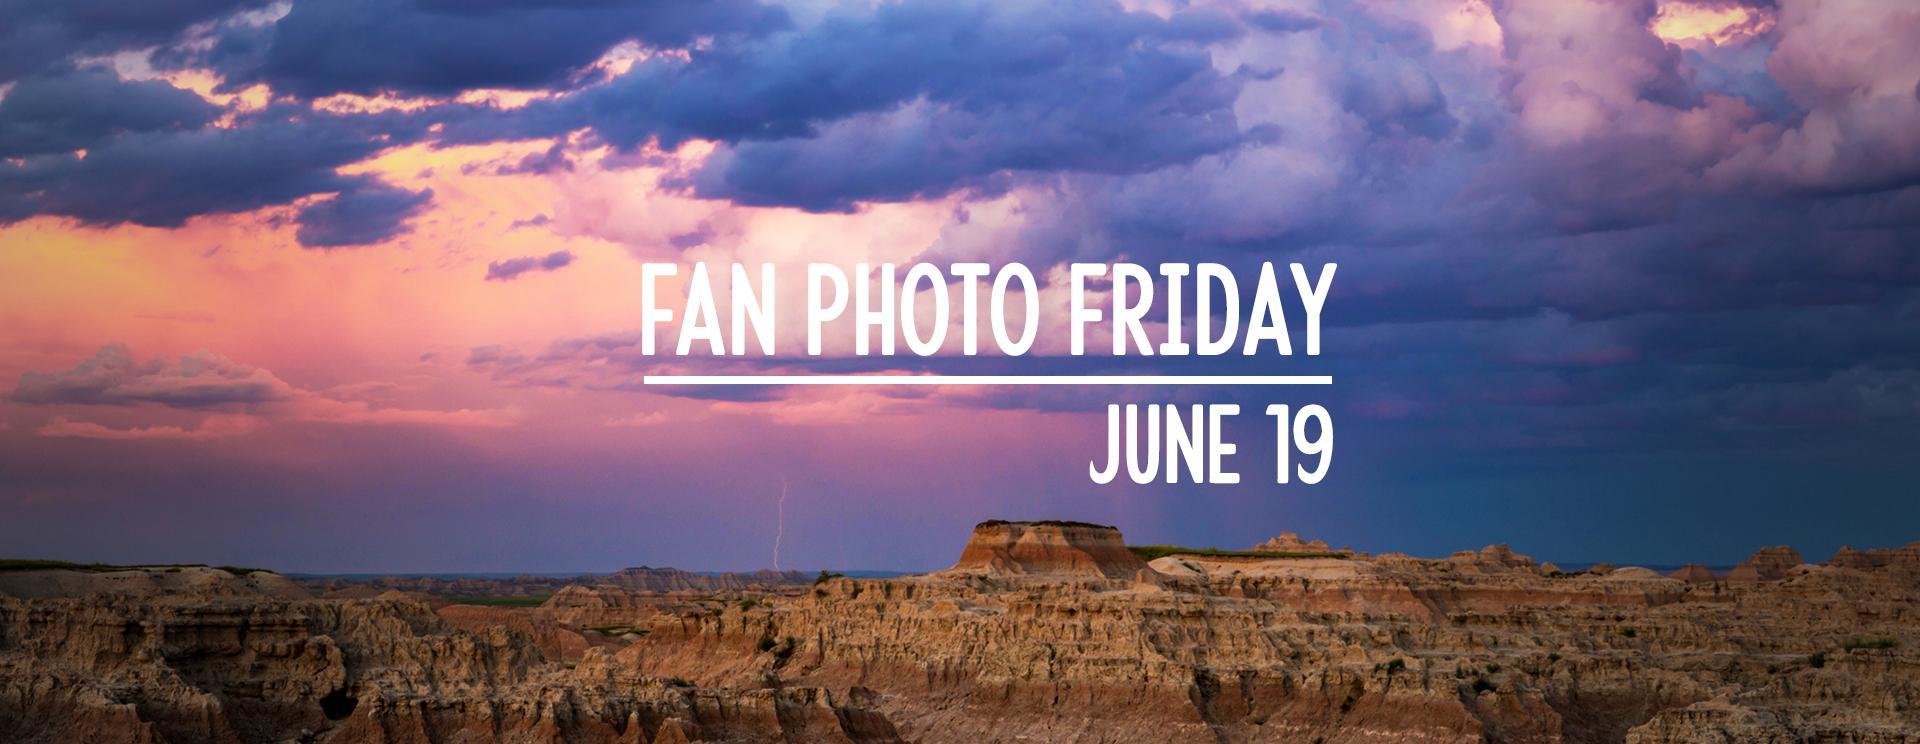 Fan Photo Friday | June 19, 2020